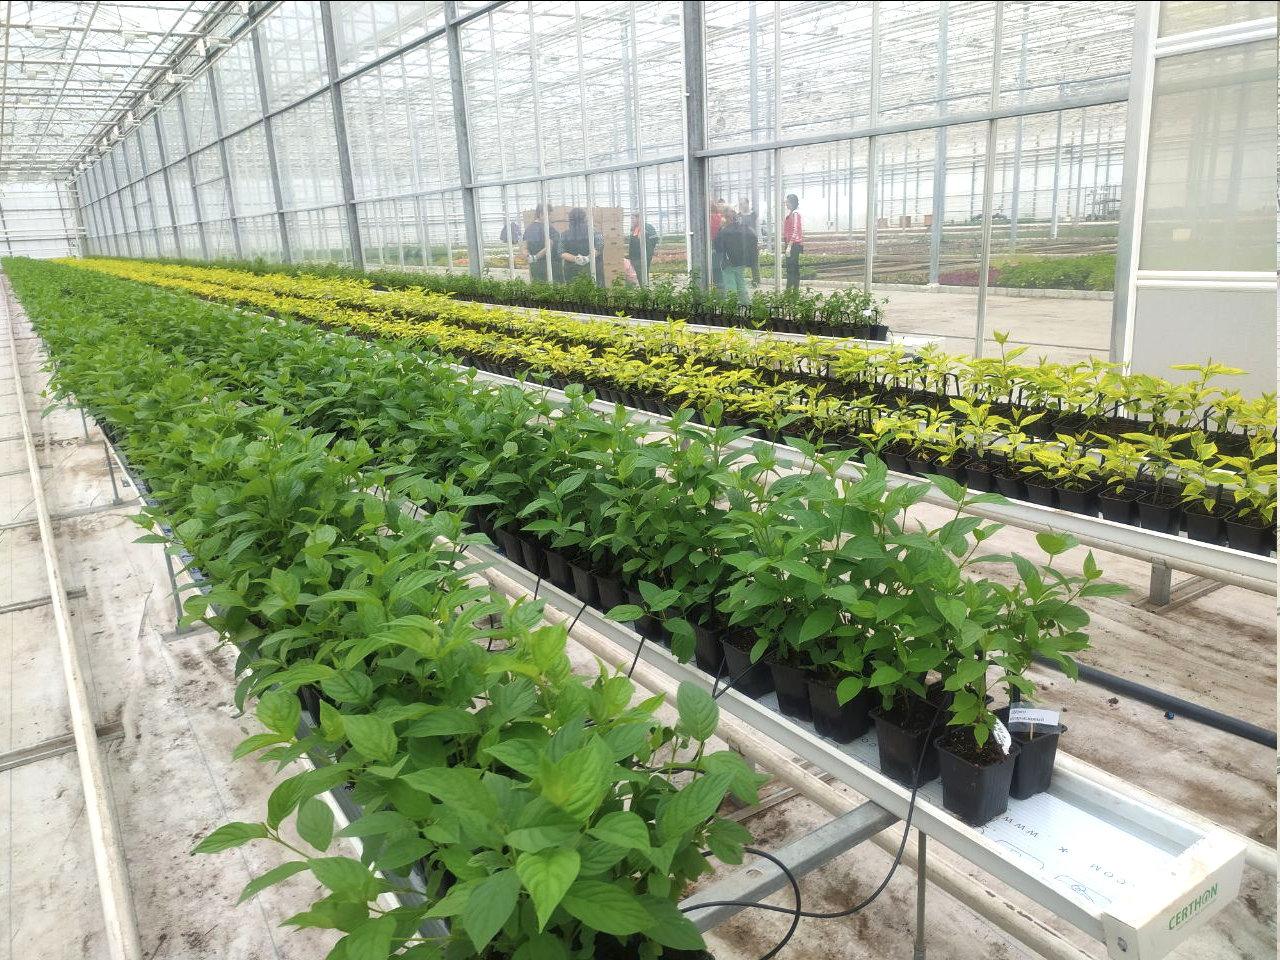 Юрий Галдун: Будем стараться выращивать в городе многолетники, фото-3